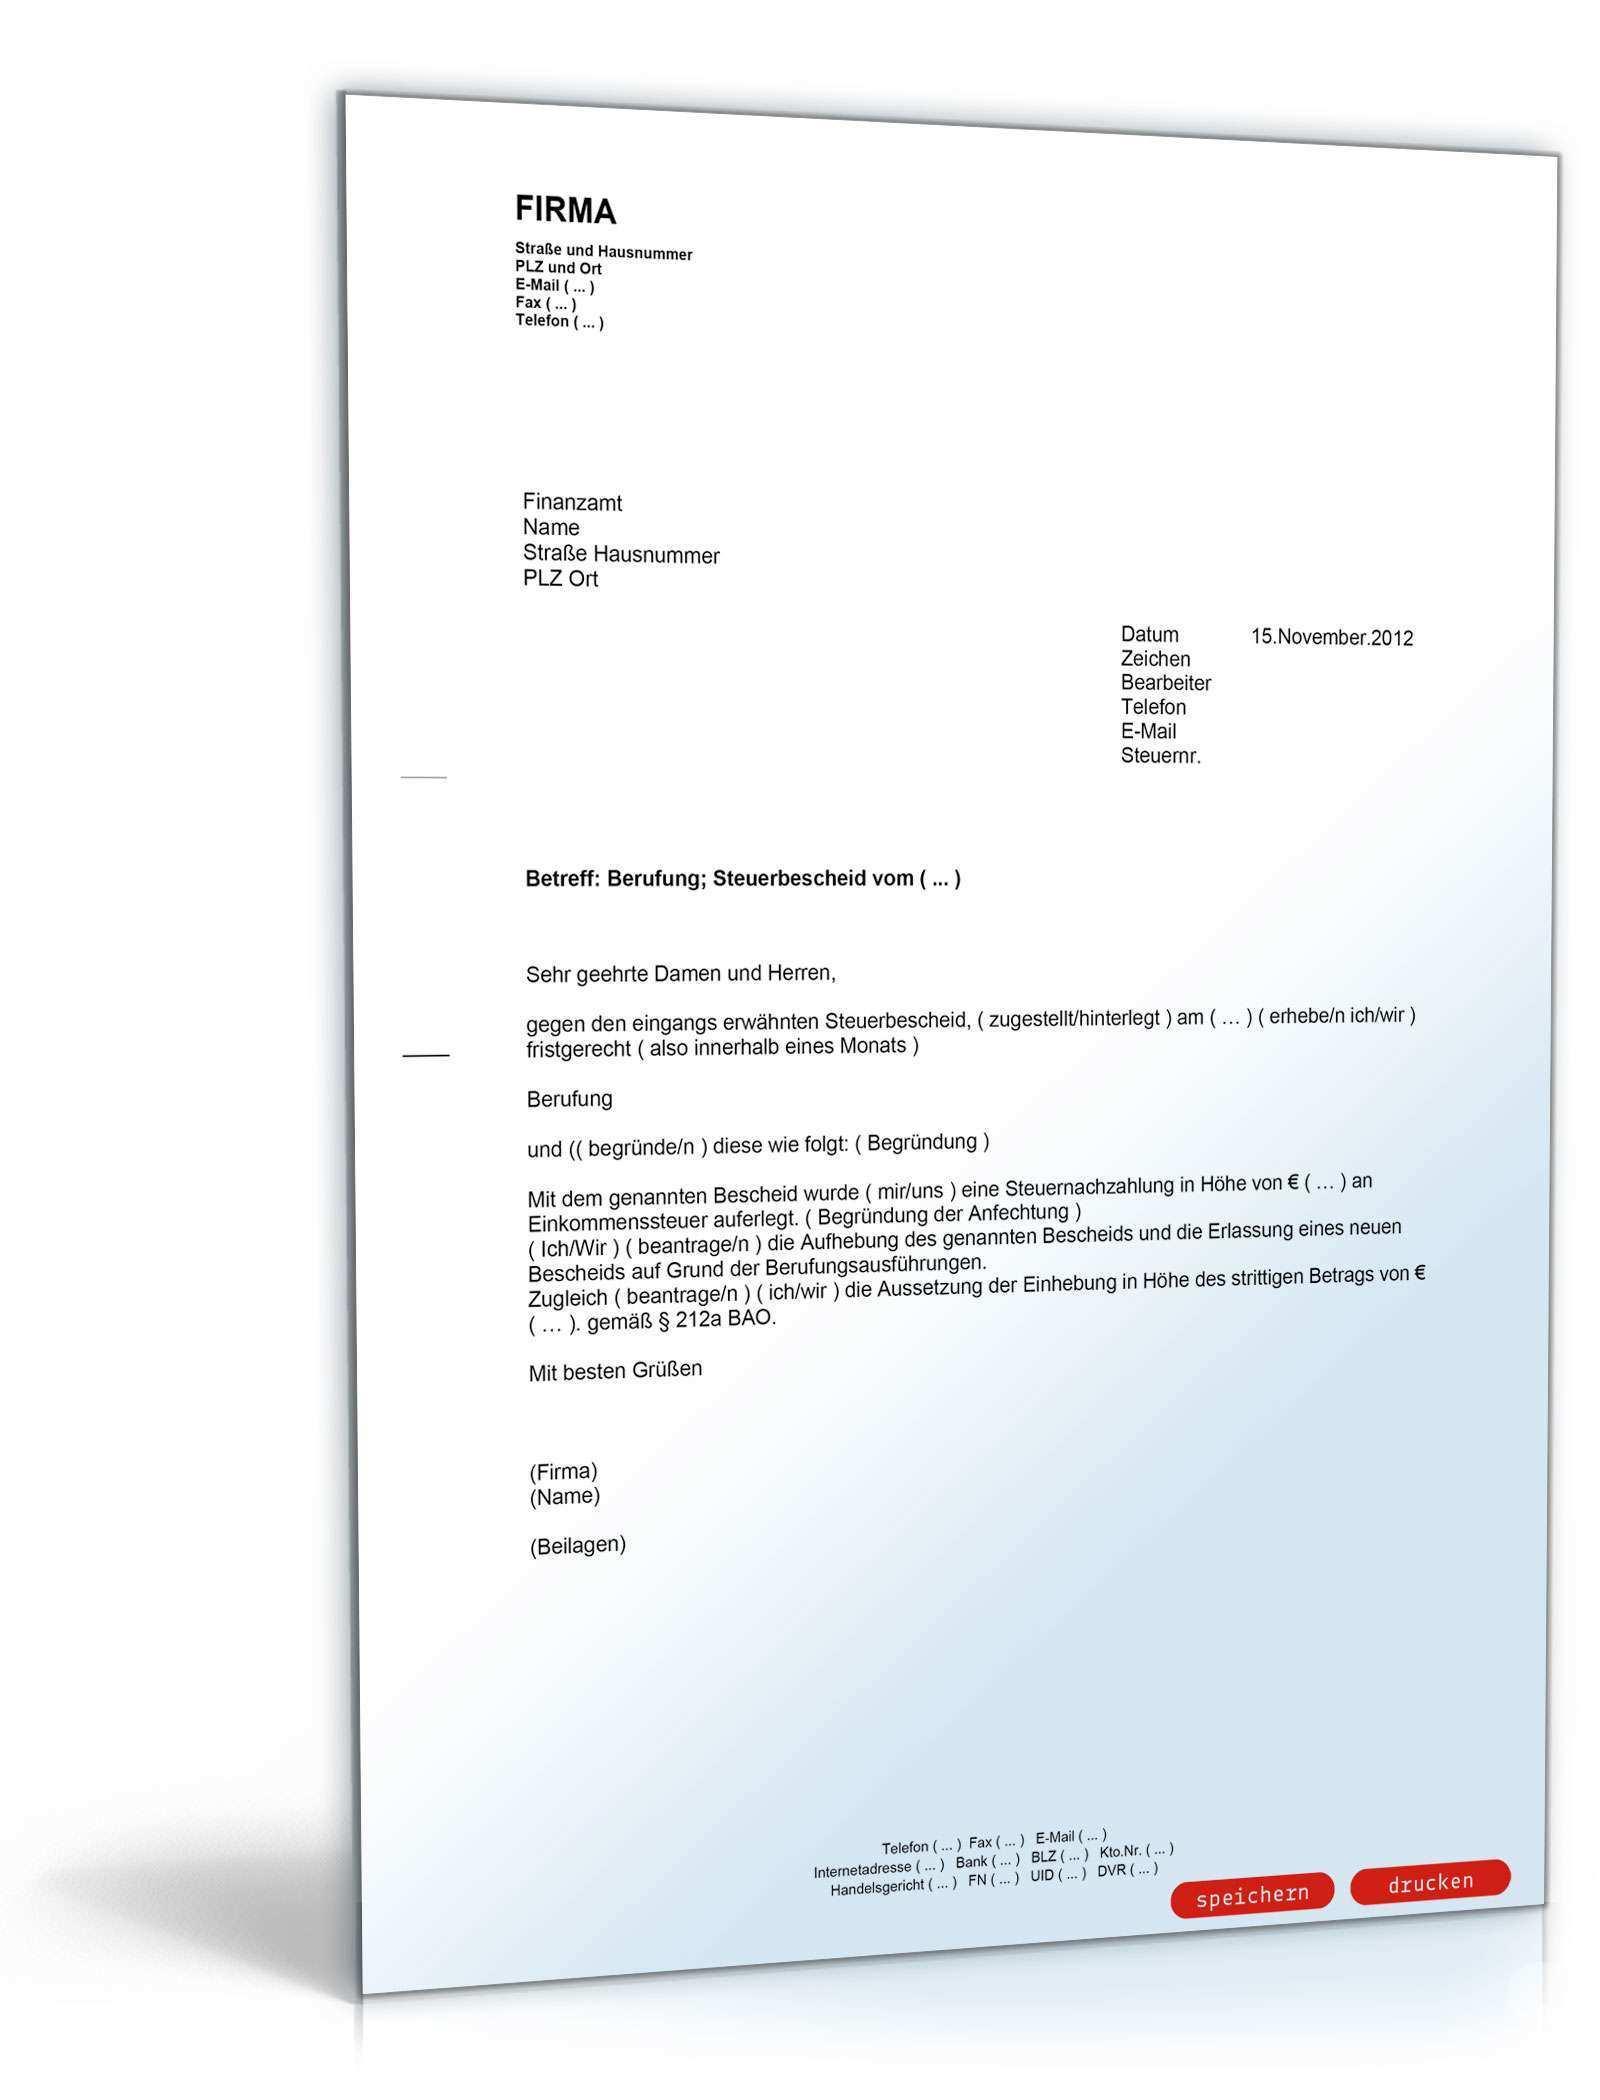 Berufung Gegen Den Steuerbescheid Mit Antrag Auf Aussetzung Der Einhebung Muster Vorlage Zum Download